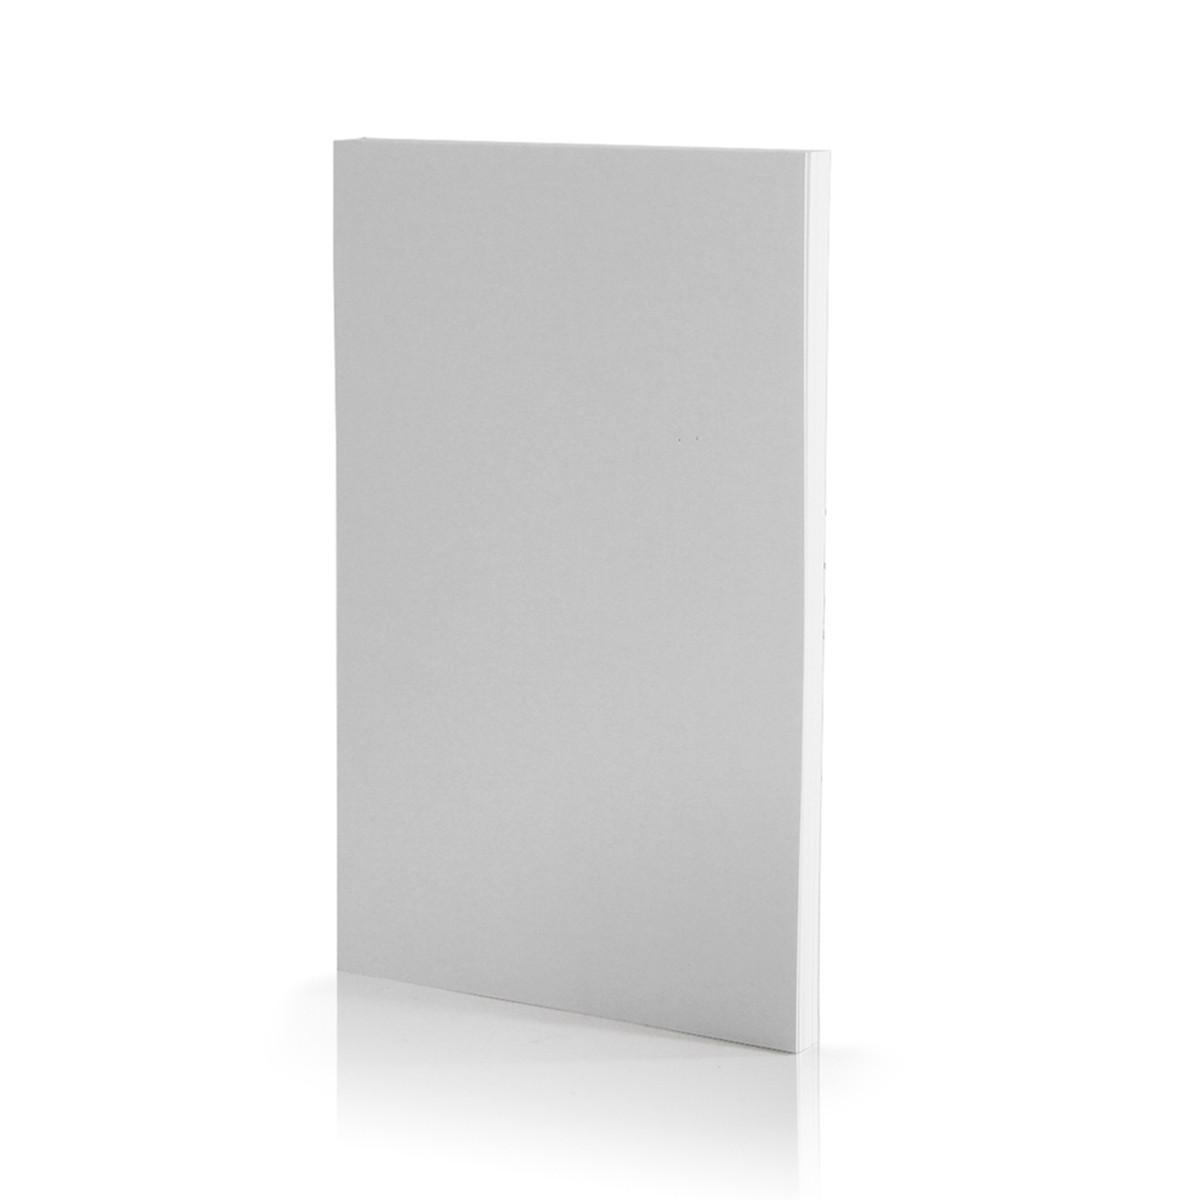 Caixa com 160 Unidades do Papel Fotográfico Glossy 265g | tamanho 10x15cm | Pacote com 20 folhas